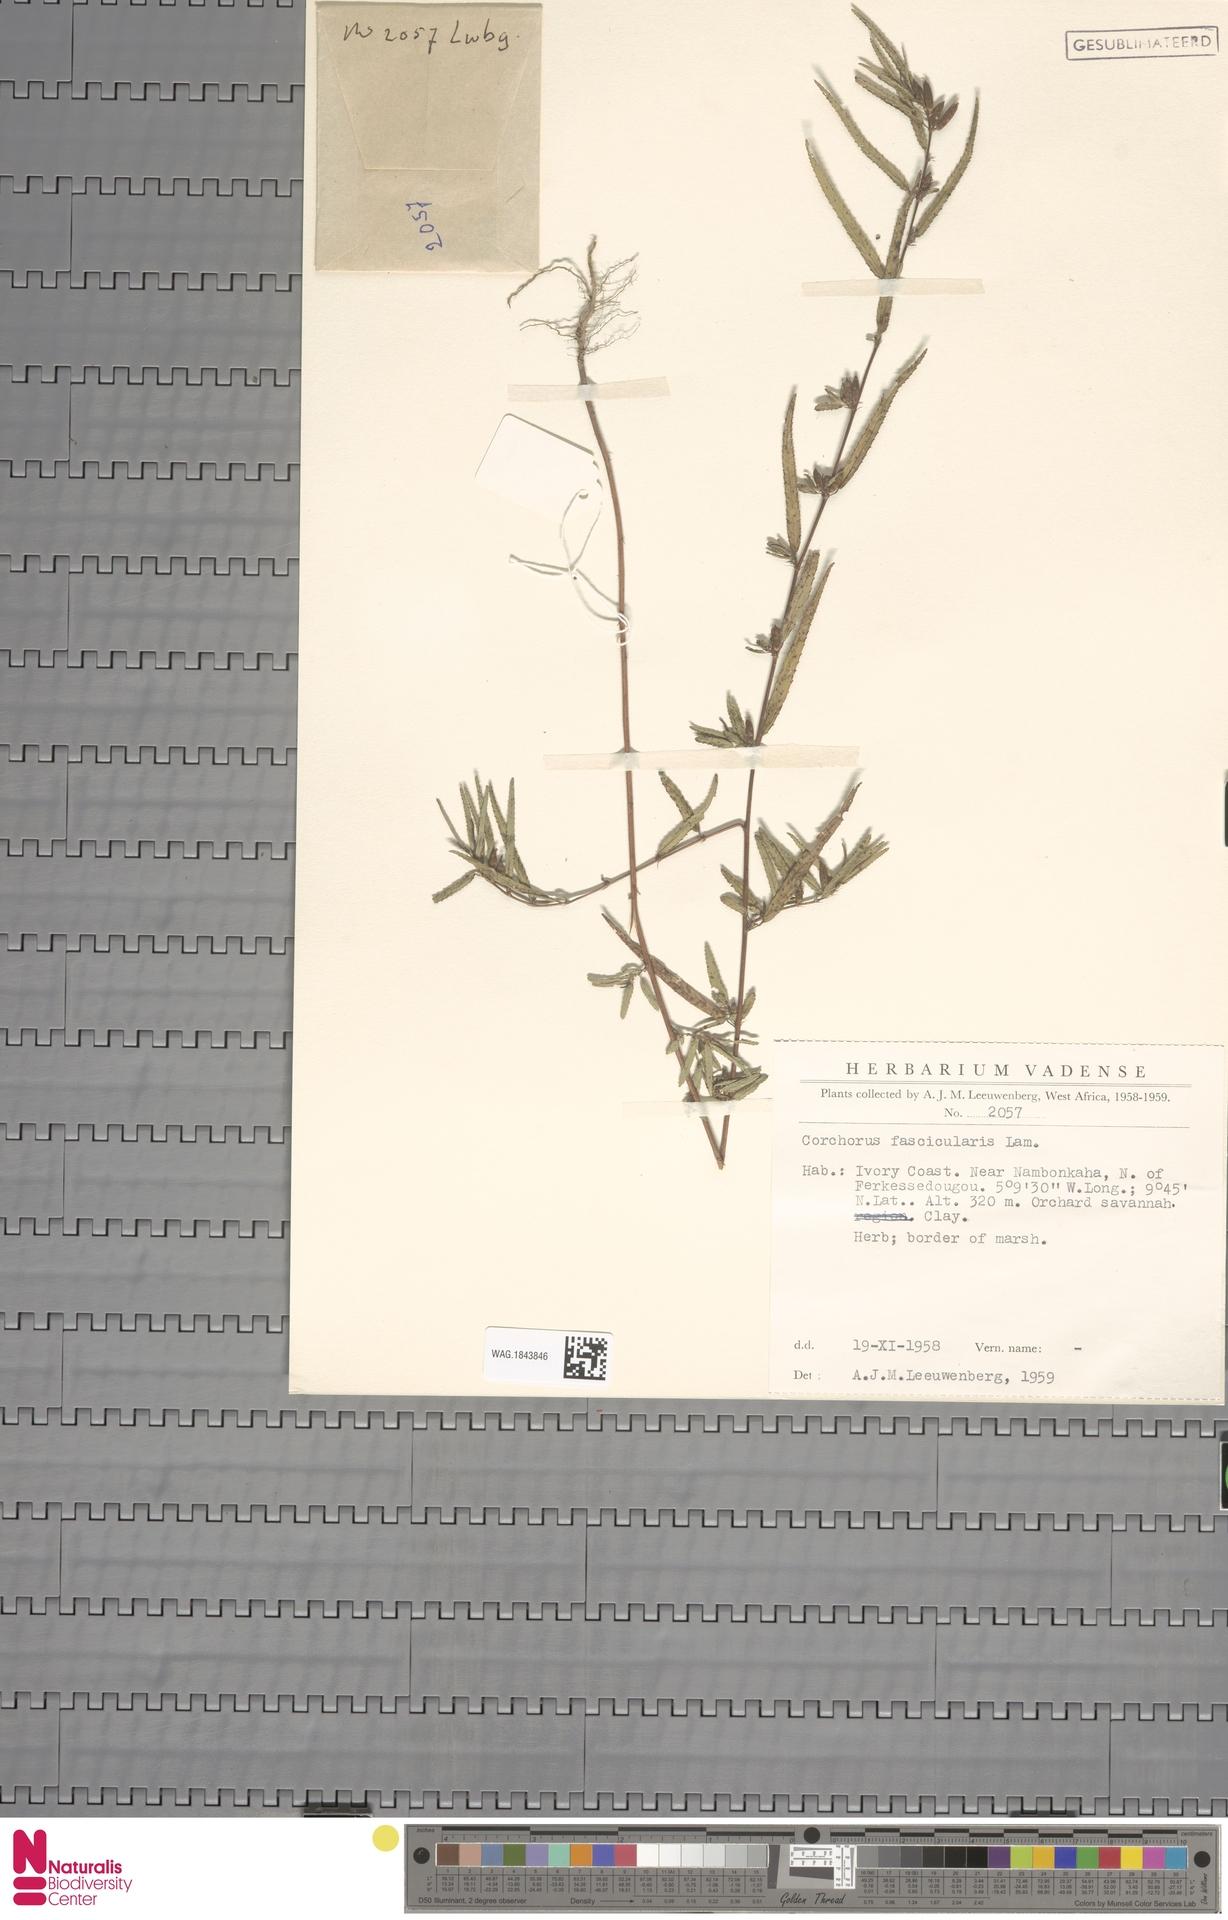 WAG.1843846 | Corchorus fascicularis Lam.